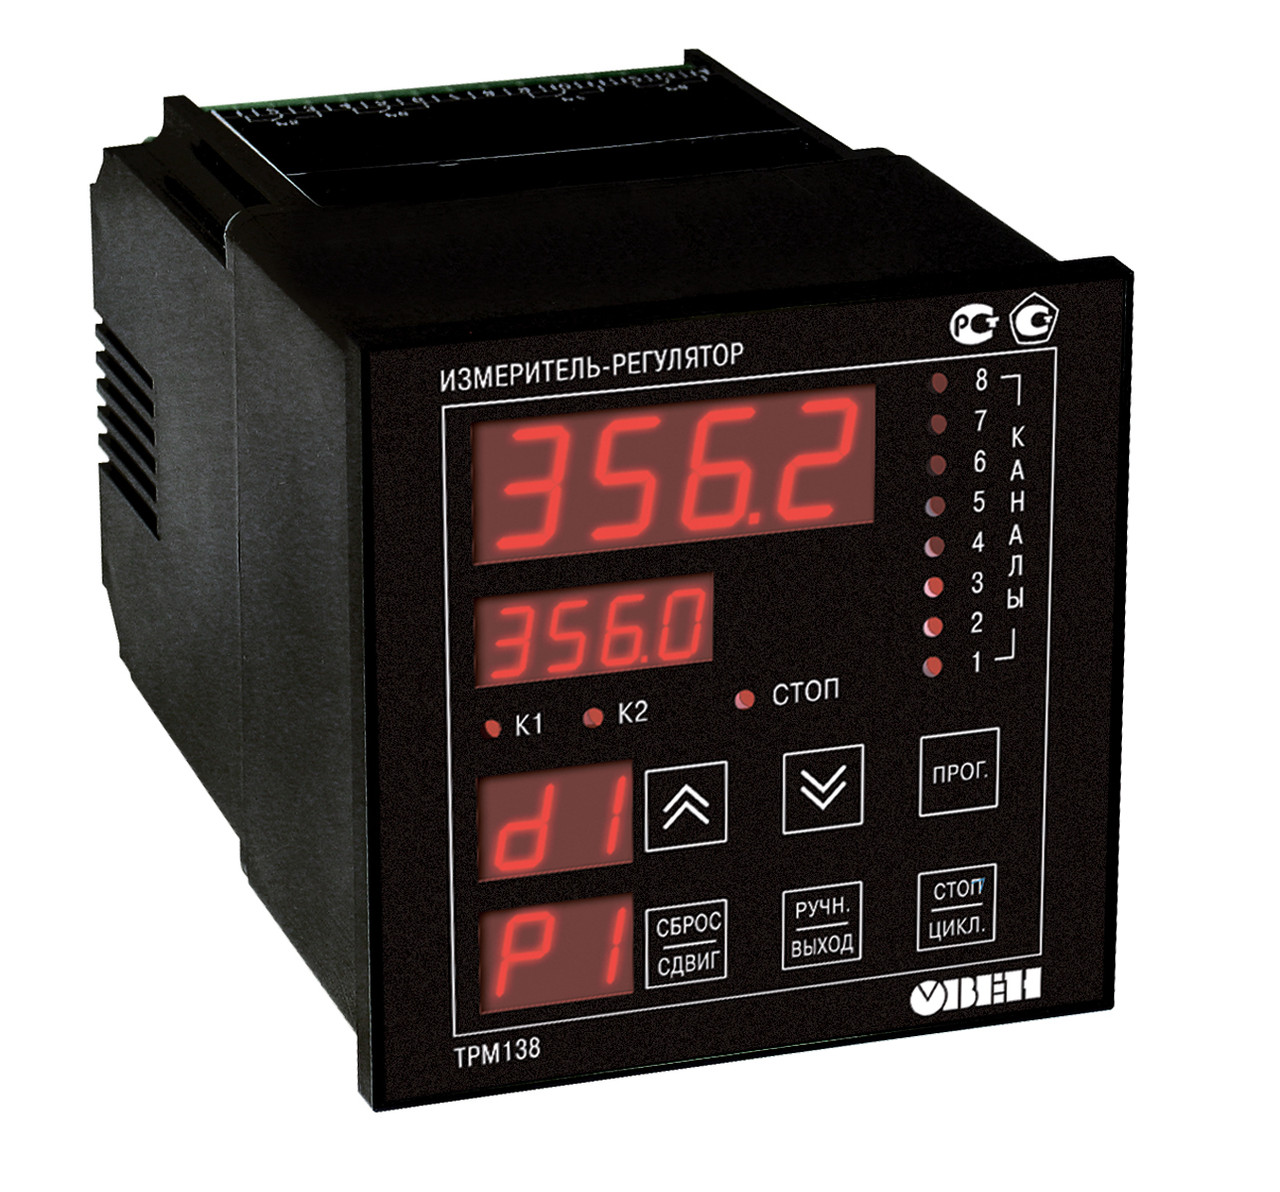 ТРМ138 - Универсальный измеритель-регулятор восьмиканальный RS485 (Р, К, С, Т, И)